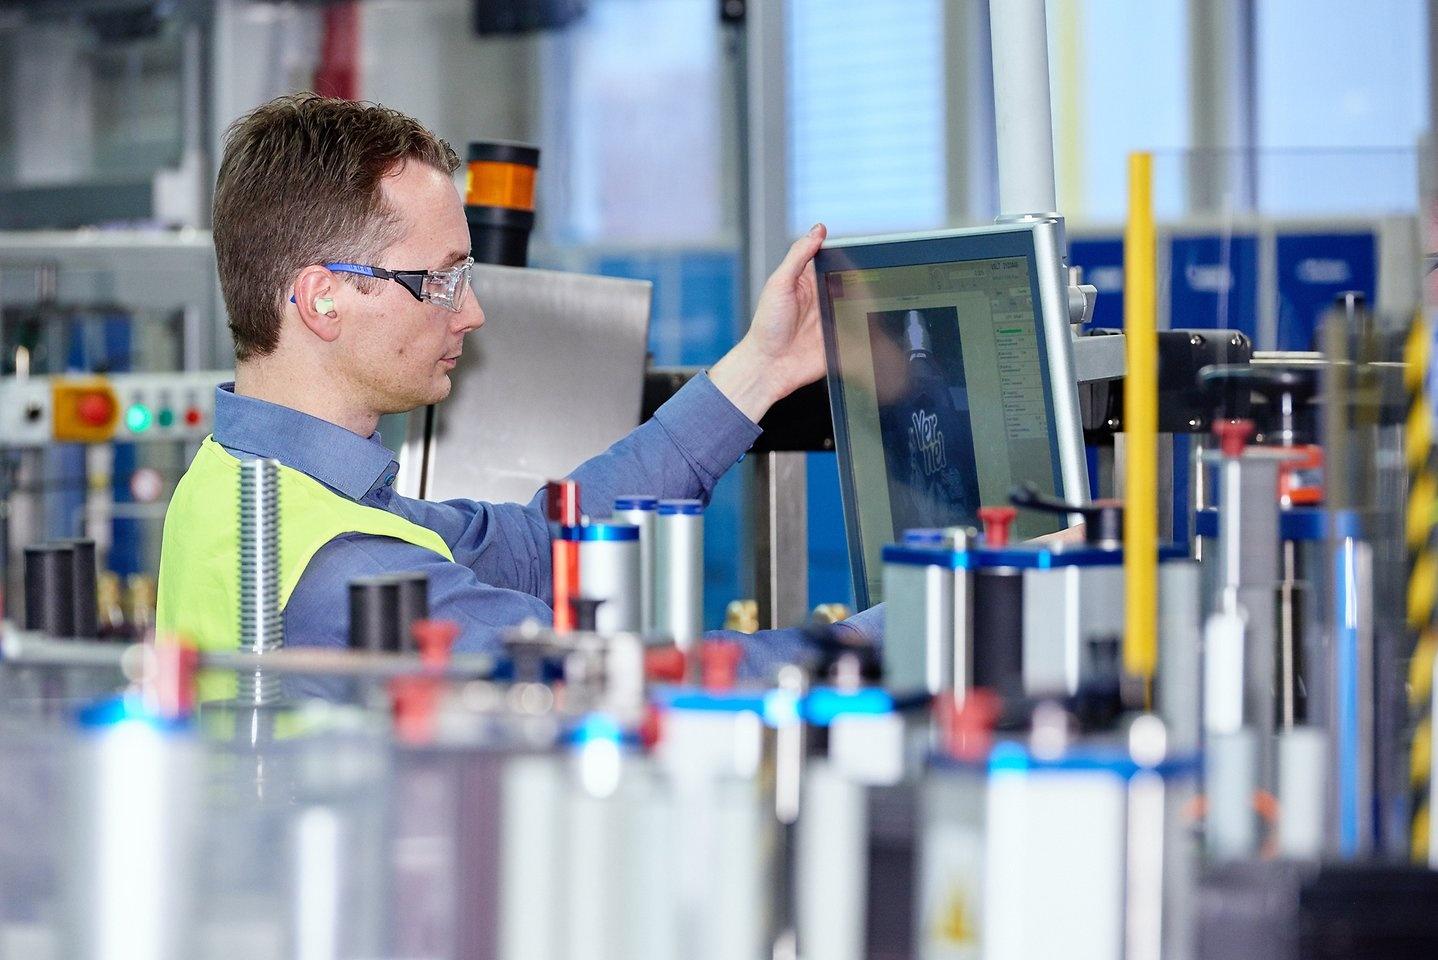 2017-03-10-henkel-waschmittelproduktion-duesseldorf-etikettierkamera-1_01